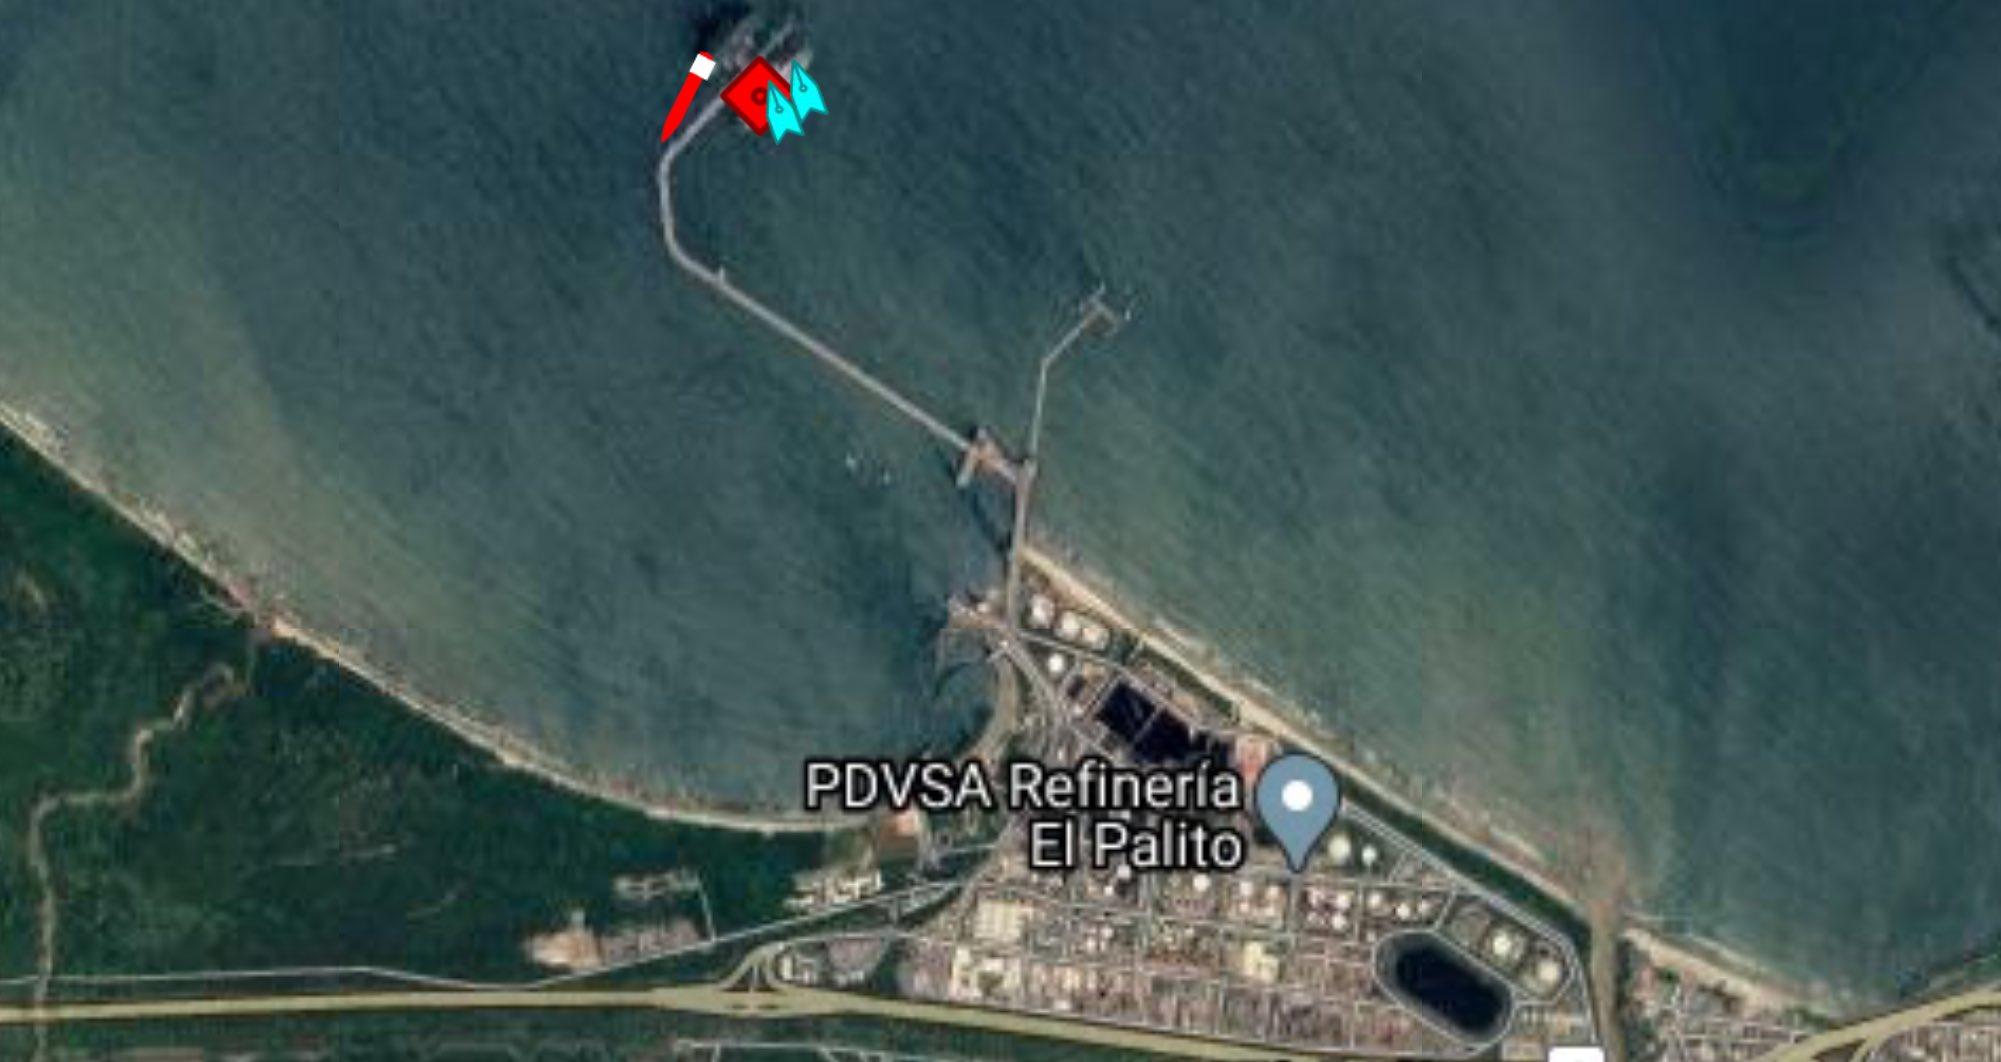 نخستین نفتکش ایرانی به سواحل ونزوئلا رسید